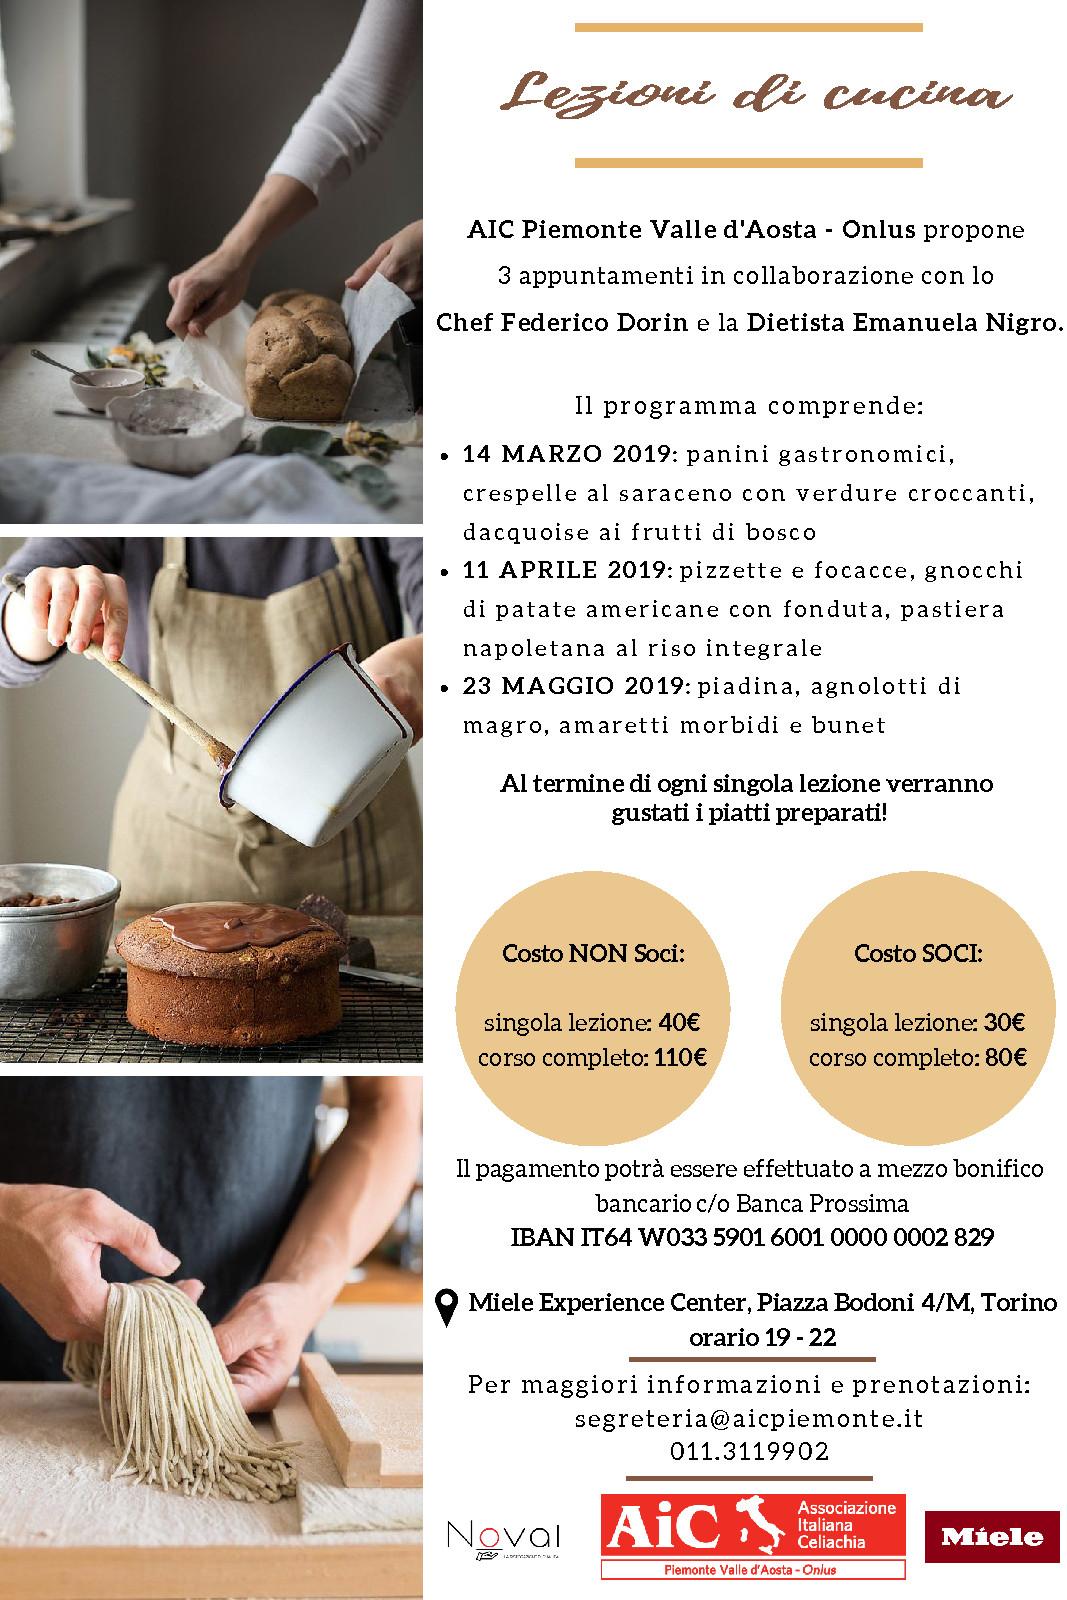 Lezioni di Cucina - Secondo Appuntamento! - AIC Piemonte